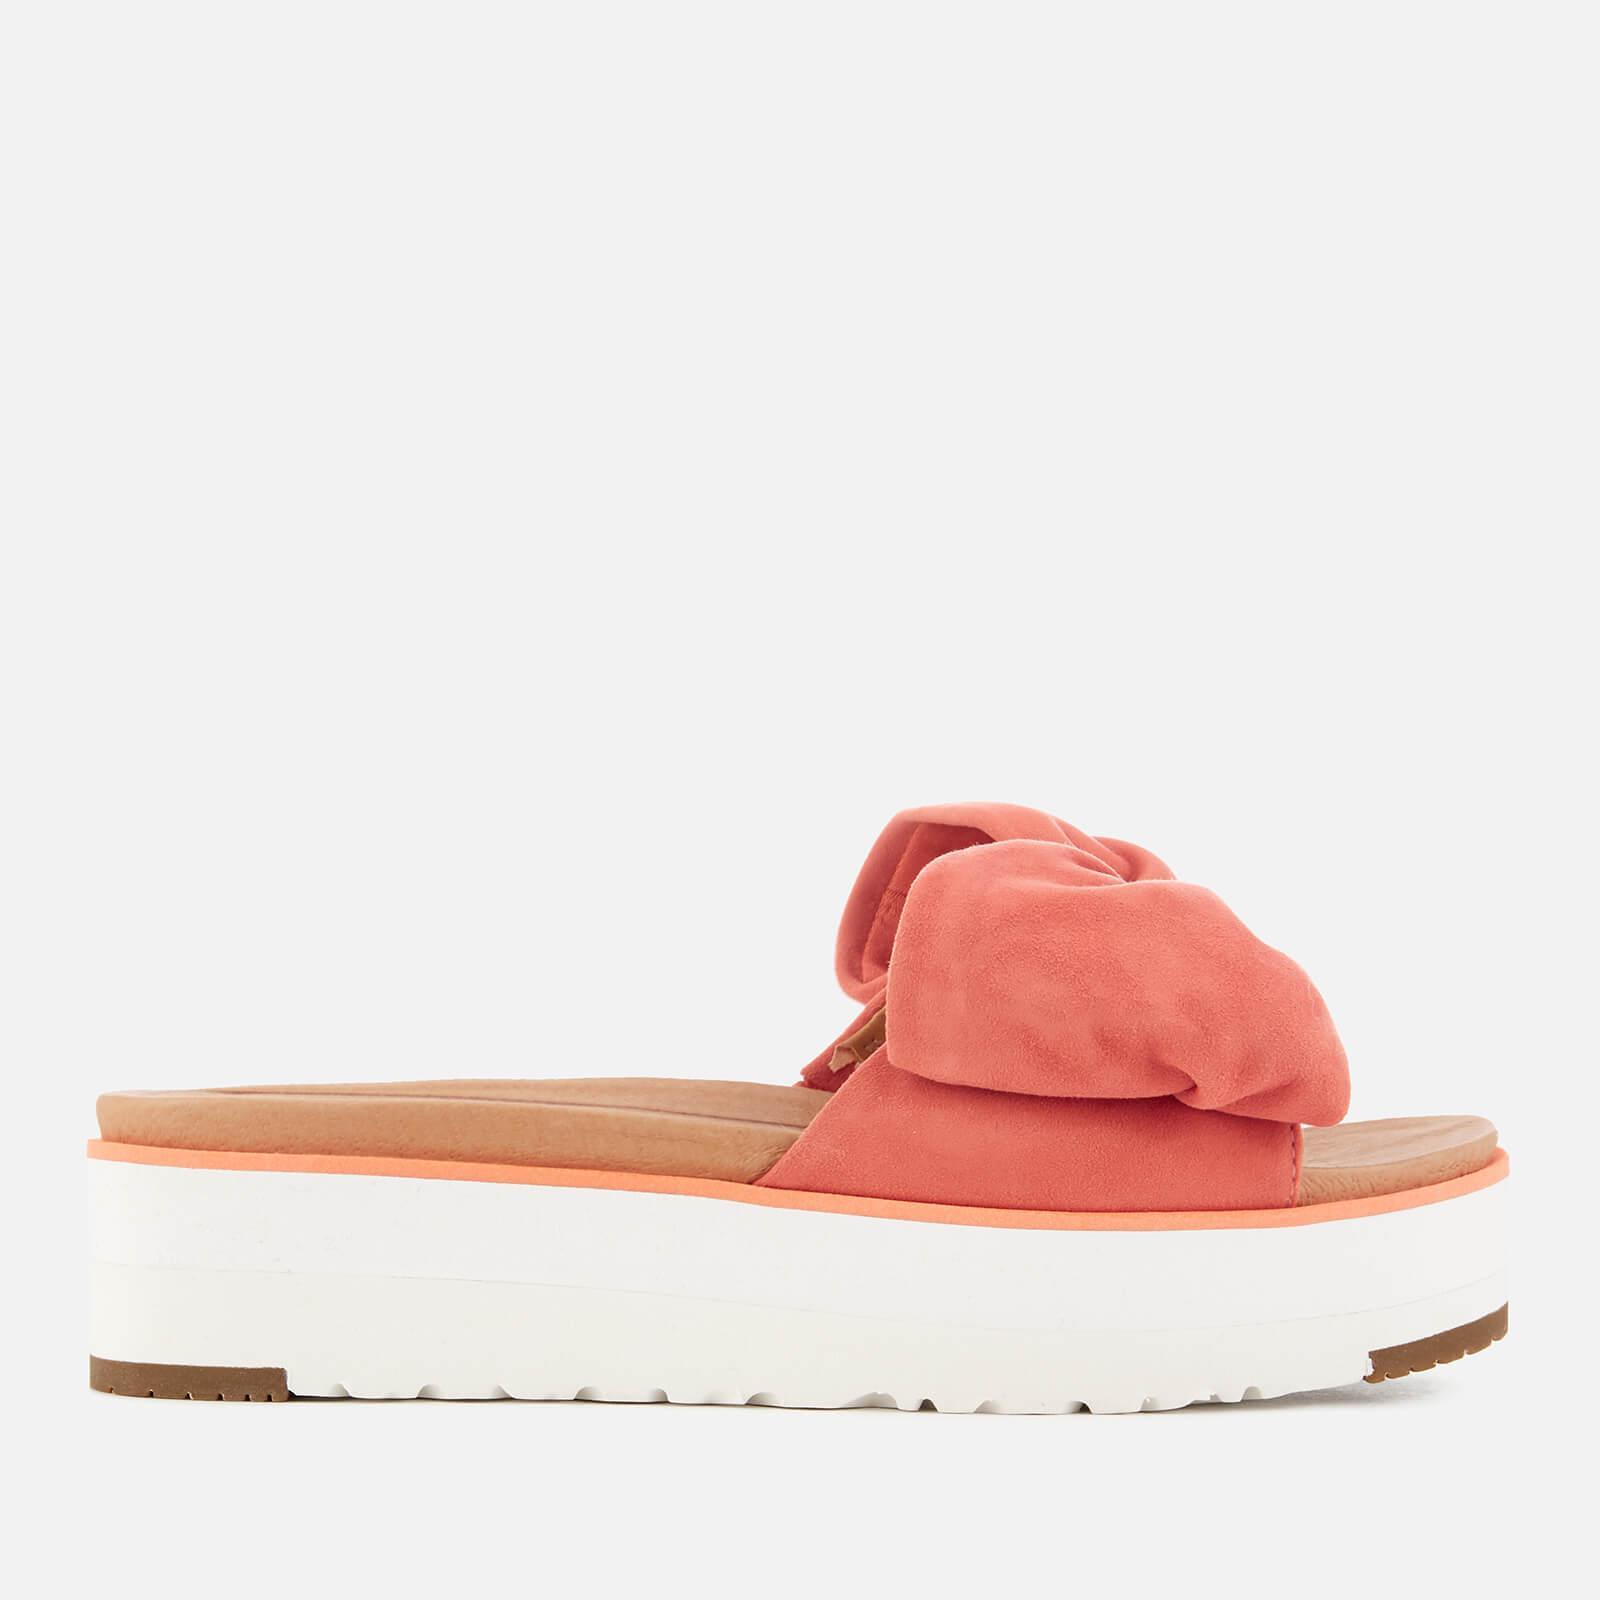 21f4b64c2 UGG Joan Suede Bow Flatform Slide Sandals in Orange - Lyst